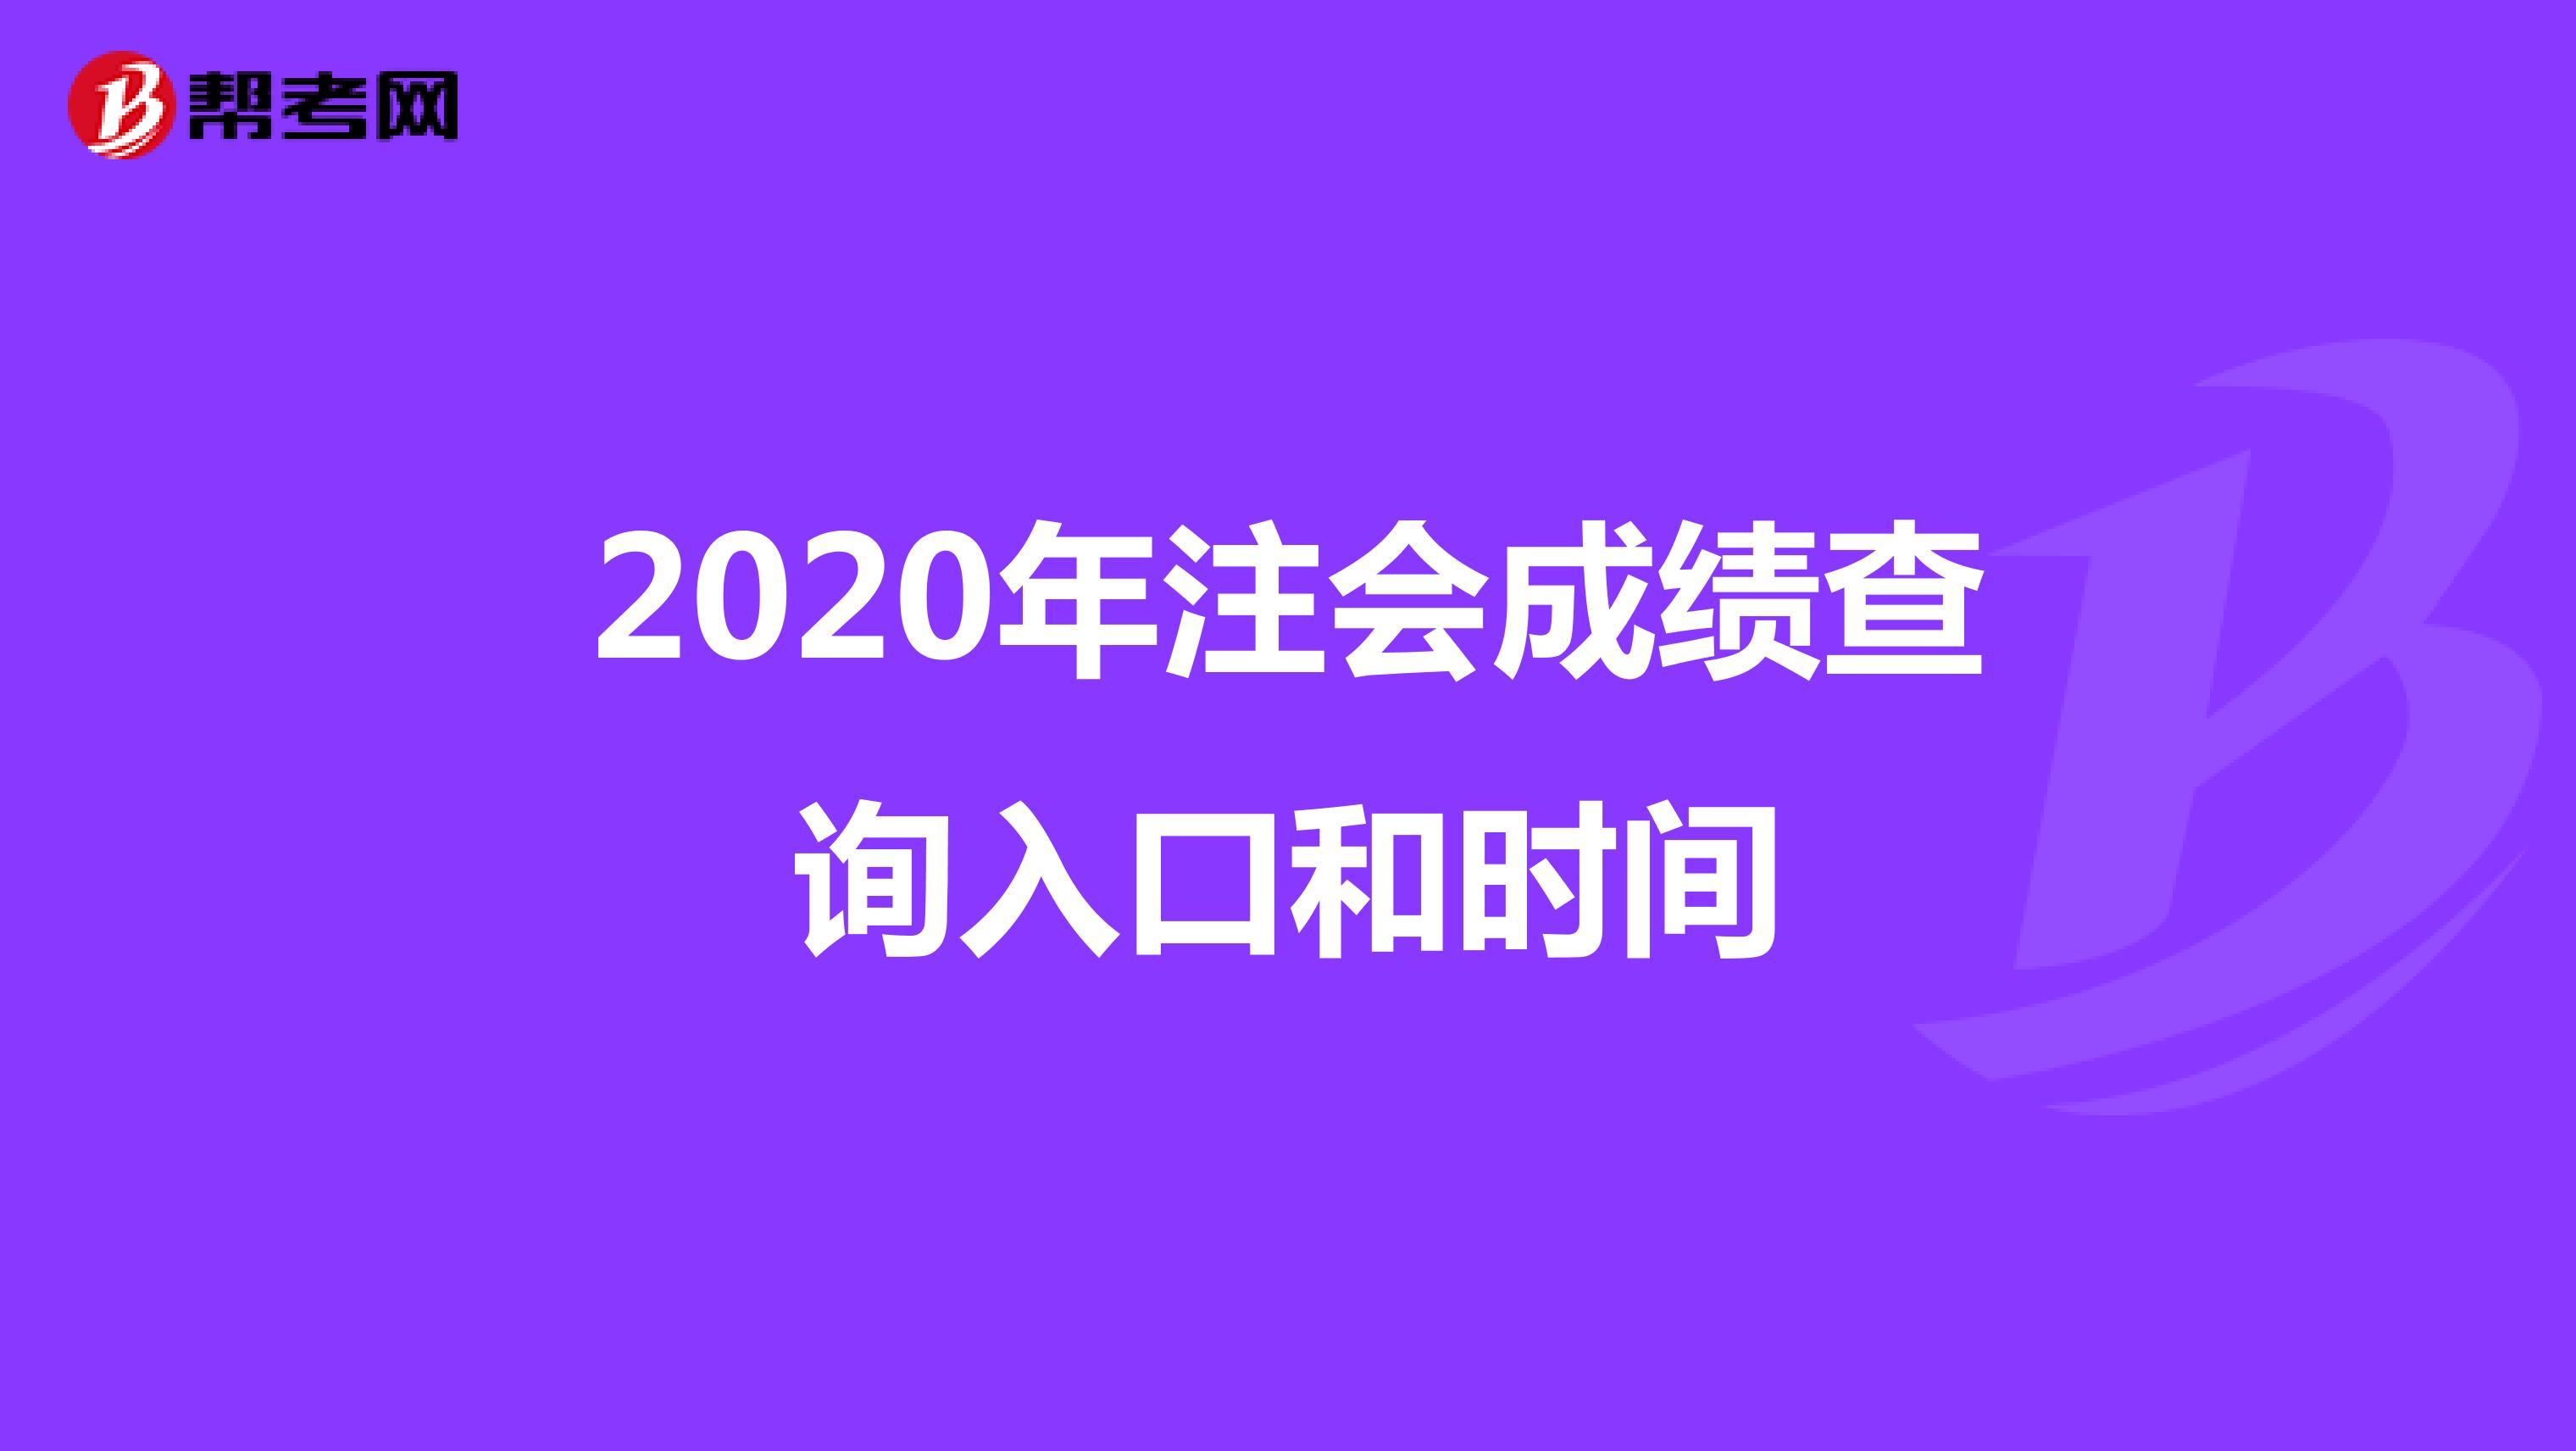 2020年注会成绩查询入口和时间